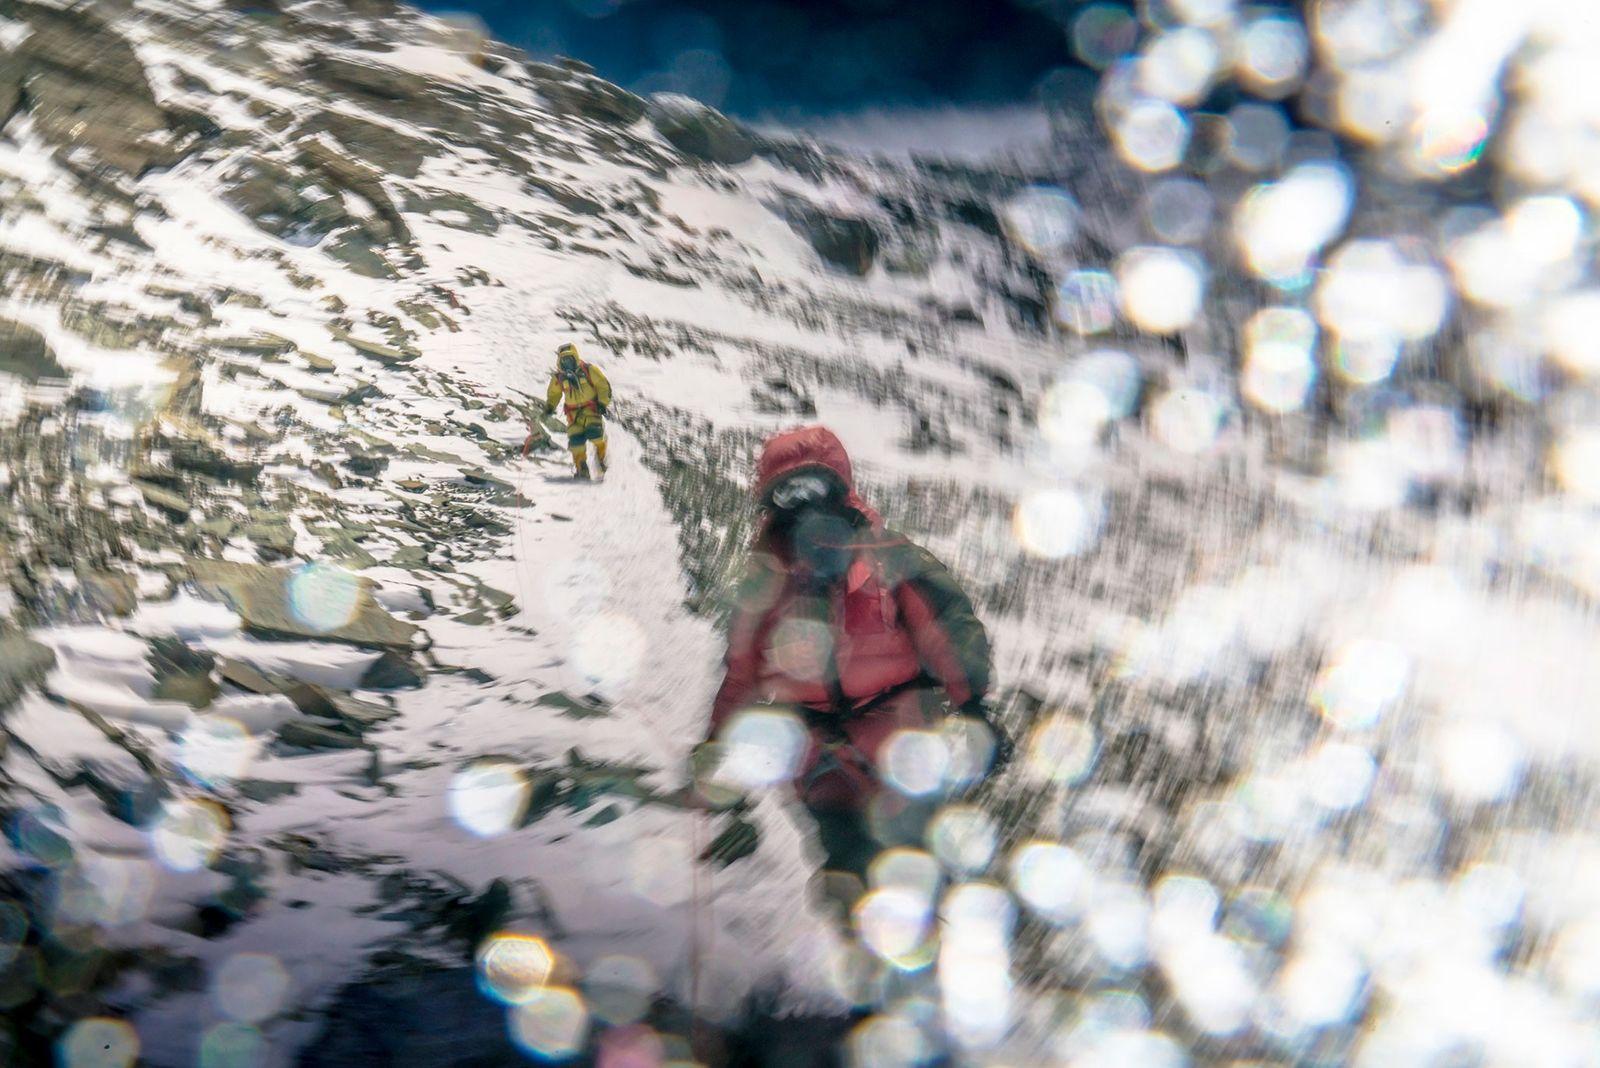 Für Richards zeigt dieses Bild hervorragend, wie die Welt auf über 8.000 Metern Höhe und ohne ...